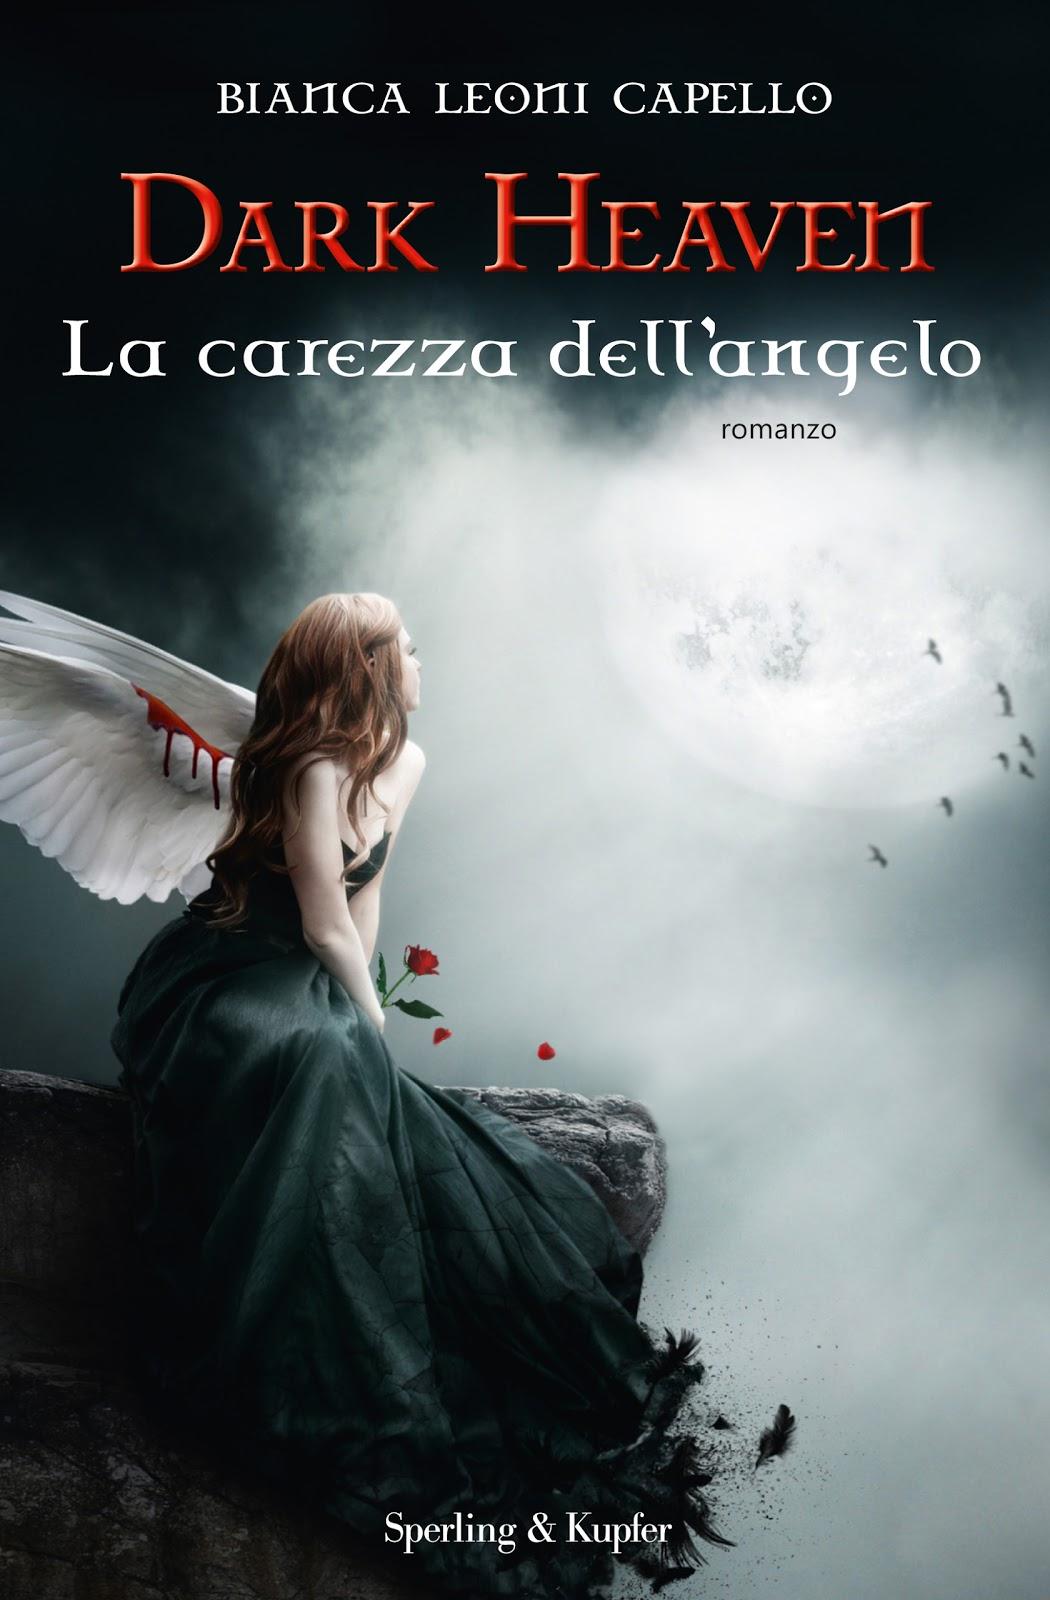 http://4.bp.blogspot.com/-XVJCCDzg4Bc/UEB_HsbrHnI/AAAAAAAAAsc/9FrR53QCrUA/s1600/Leoni+Capello,+Dark+Heaven.jpg